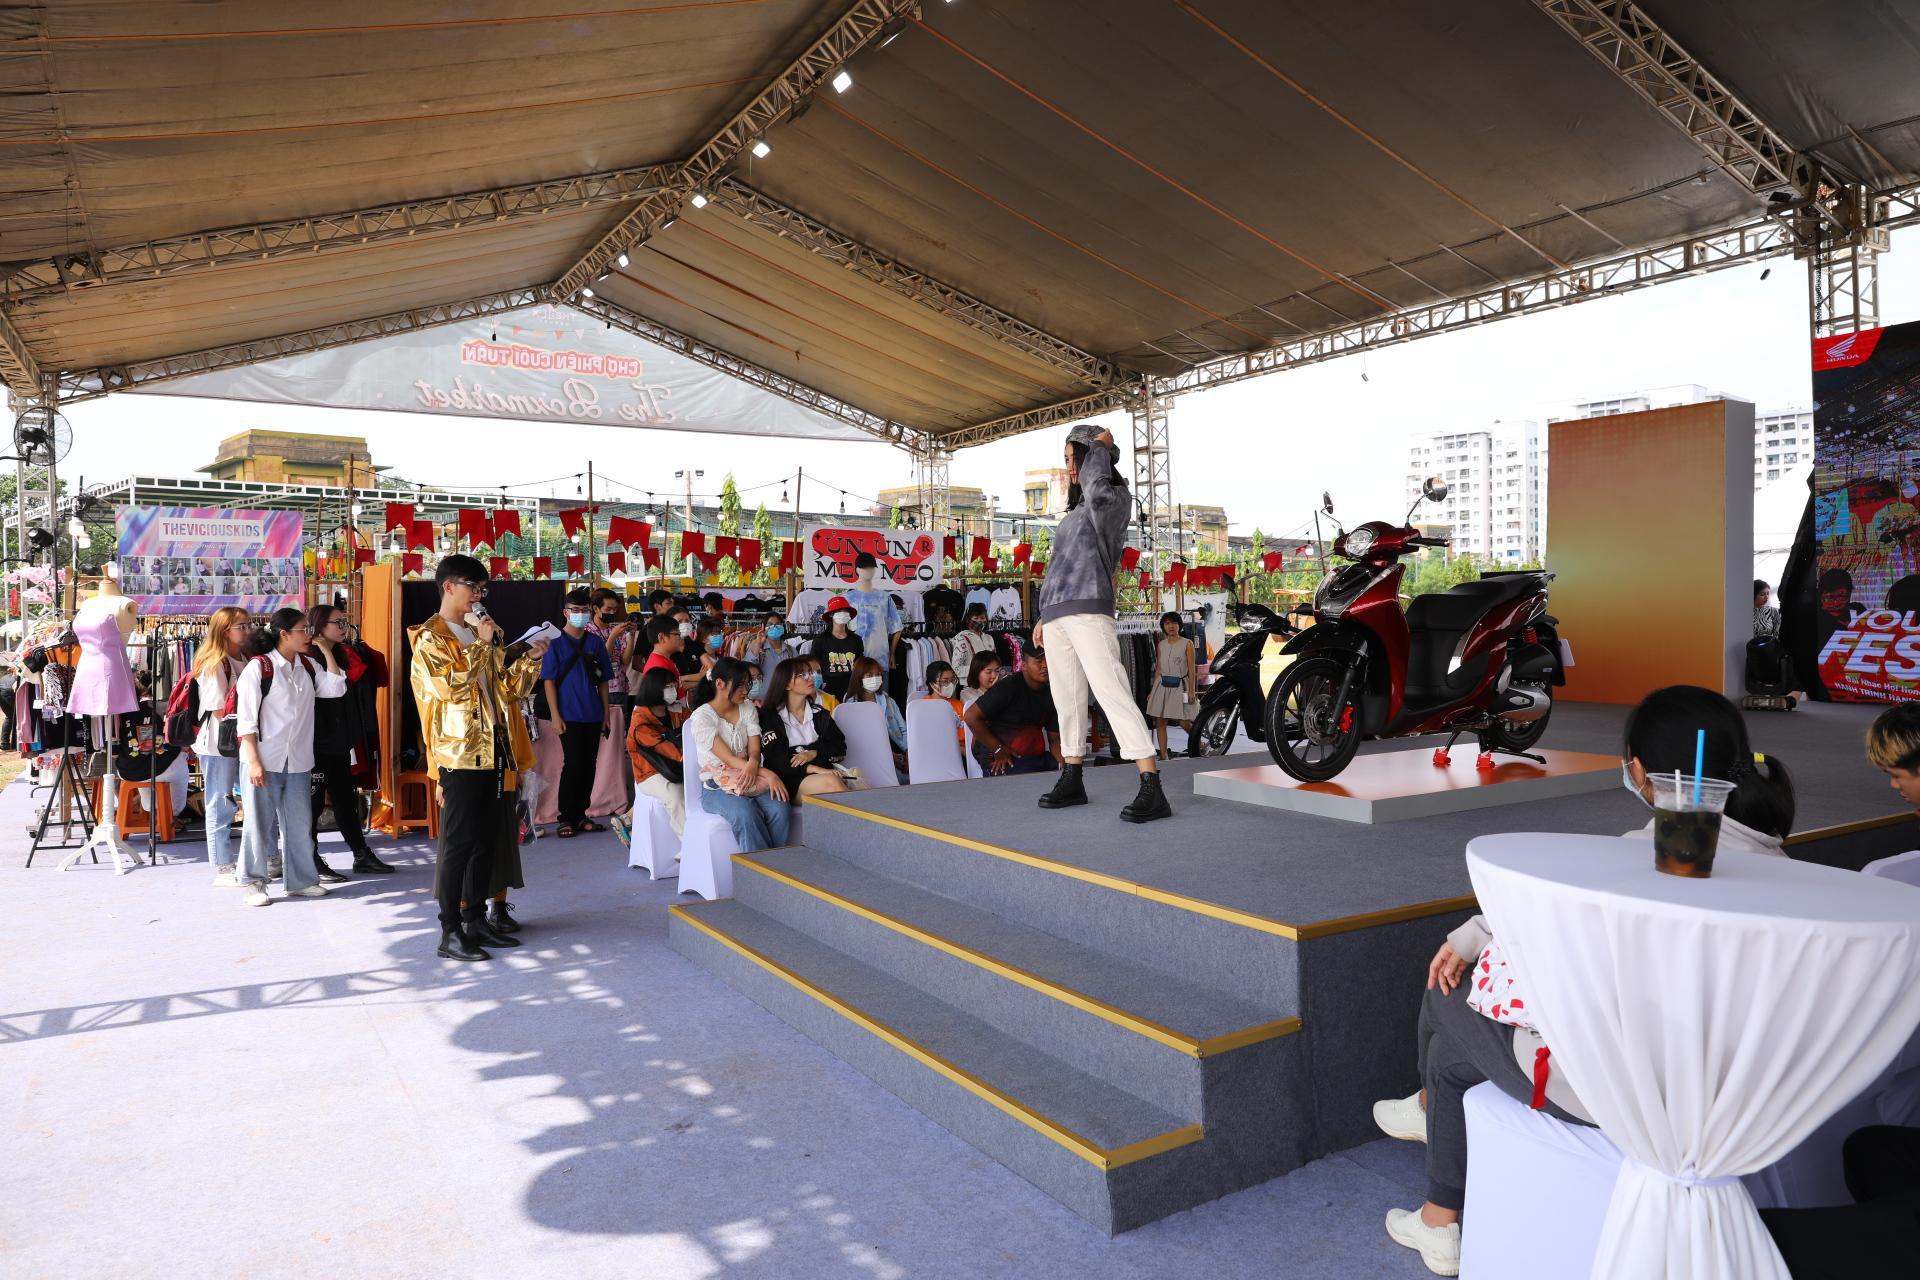 Bùng nổ niềm vui, thăng hoa hạnh phúc cùng đại nhạc hội Honda YOUTH FEST - Ảnh 1.